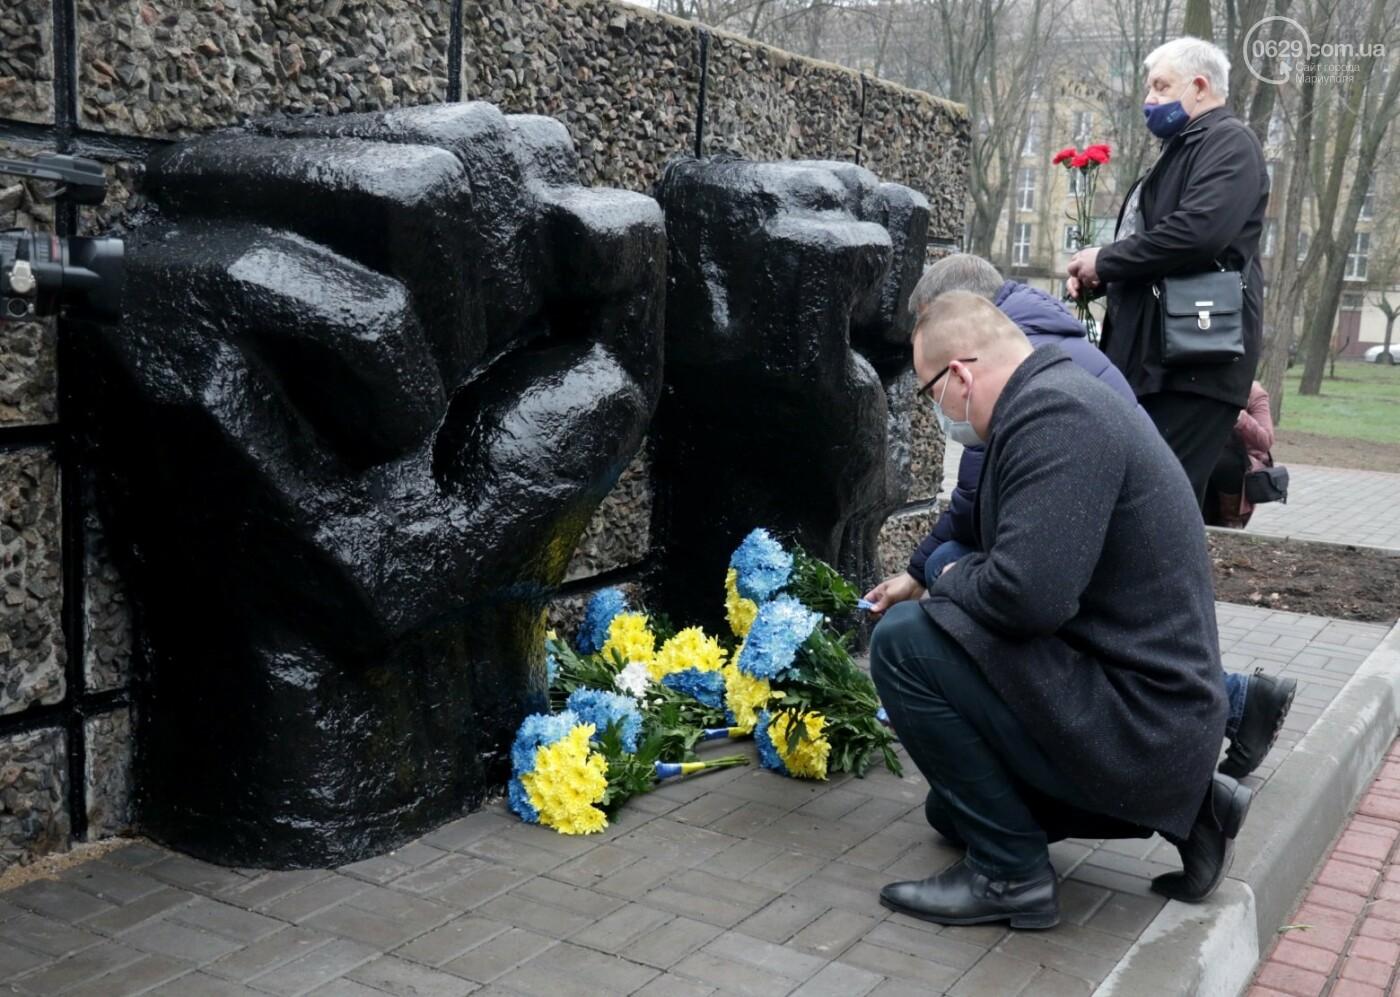 «Выкупили за 3 рейхсмарки». В Мариуполе возложили цветы в память об узниках фашистских концлагерей, - ФОТО, фото-10